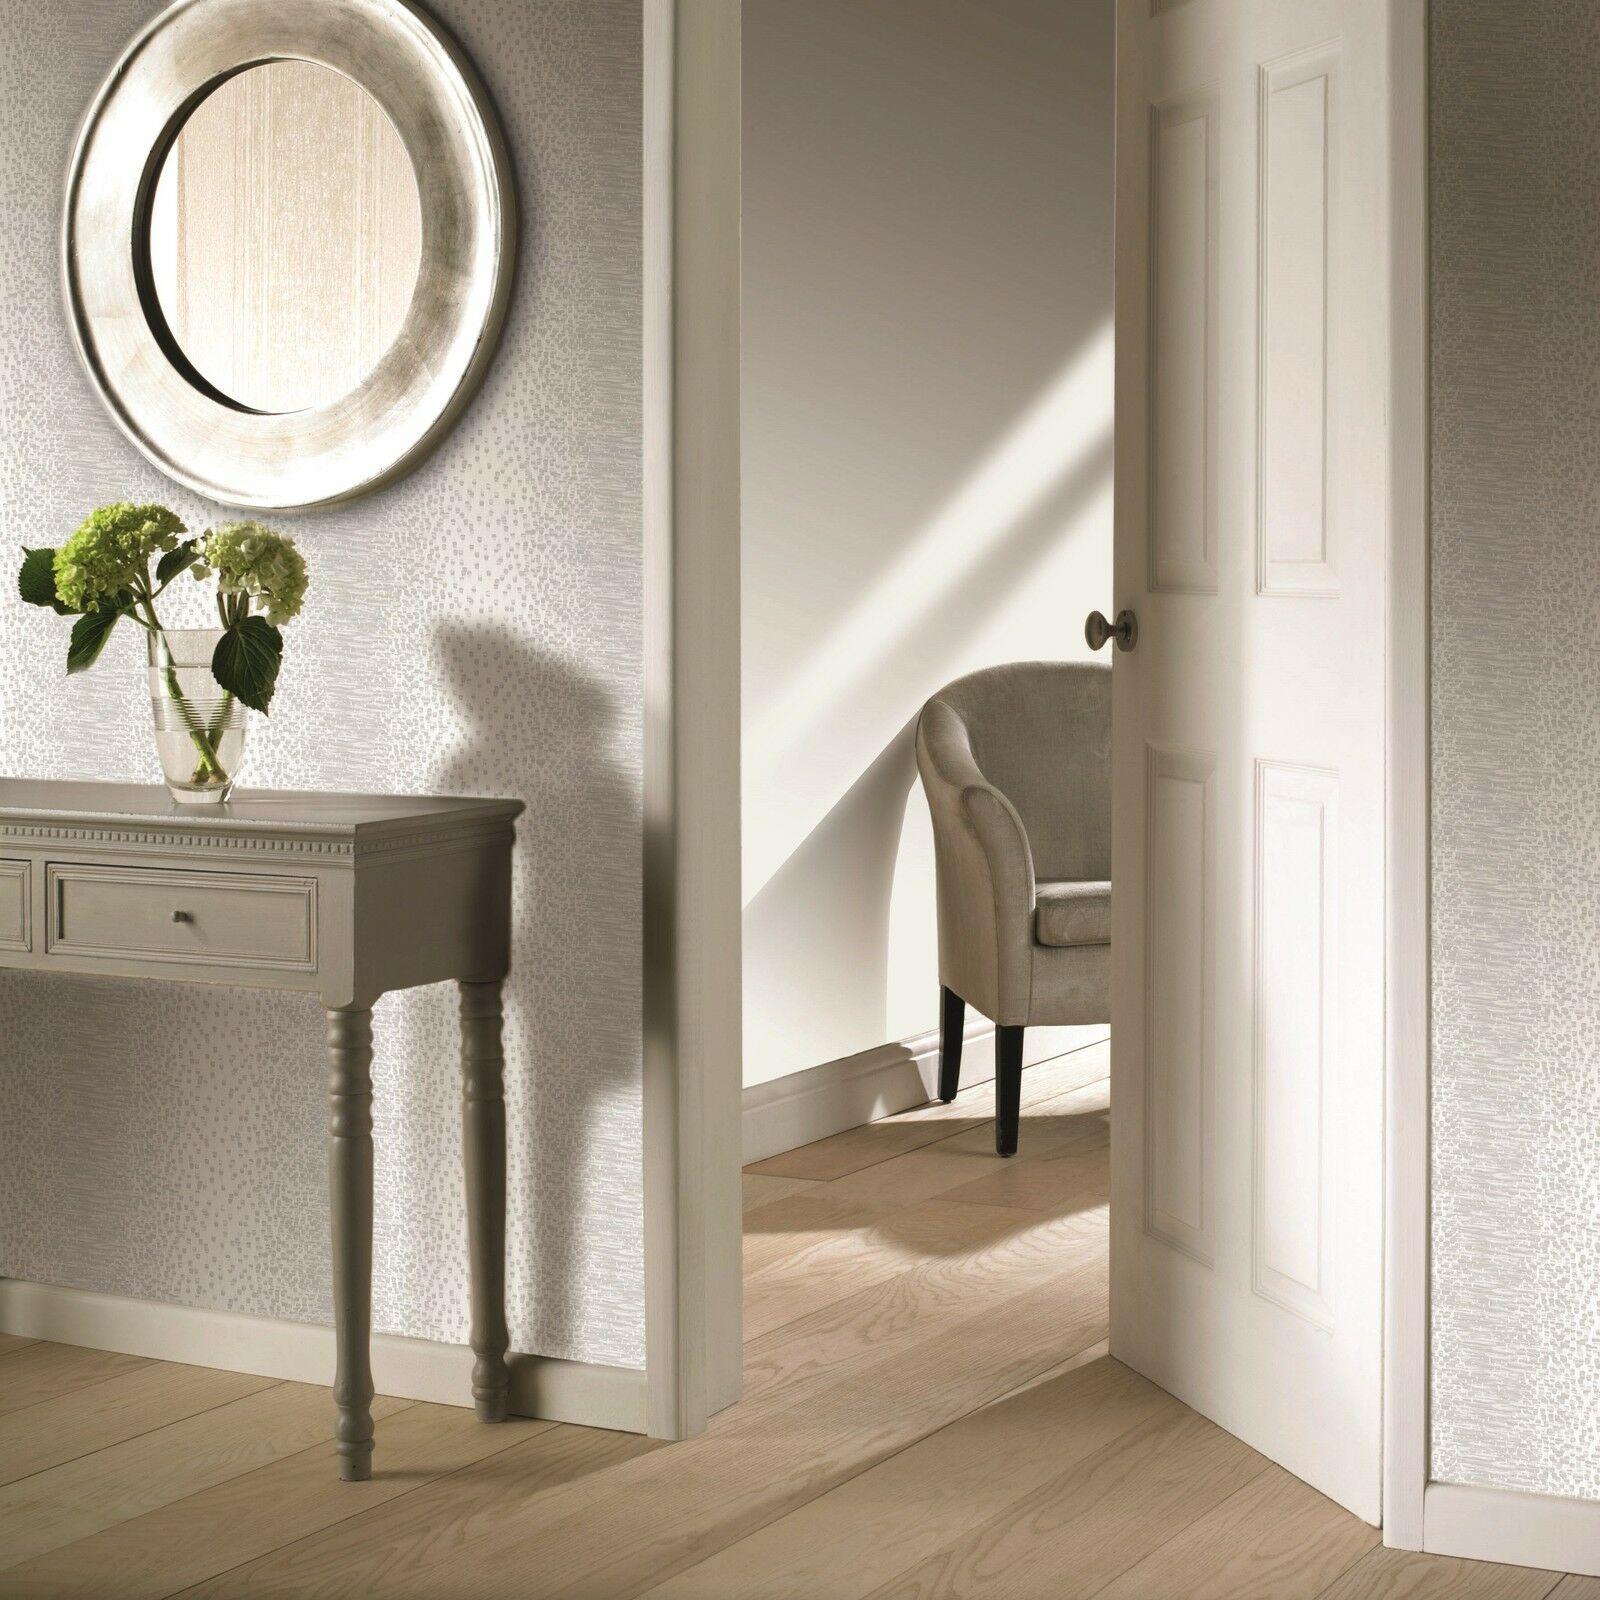 vinyl tapete grafisch streifen glitzer effekt wei grau gestreift elegant kaufen bei joratrend. Black Bedroom Furniture Sets. Home Design Ideas